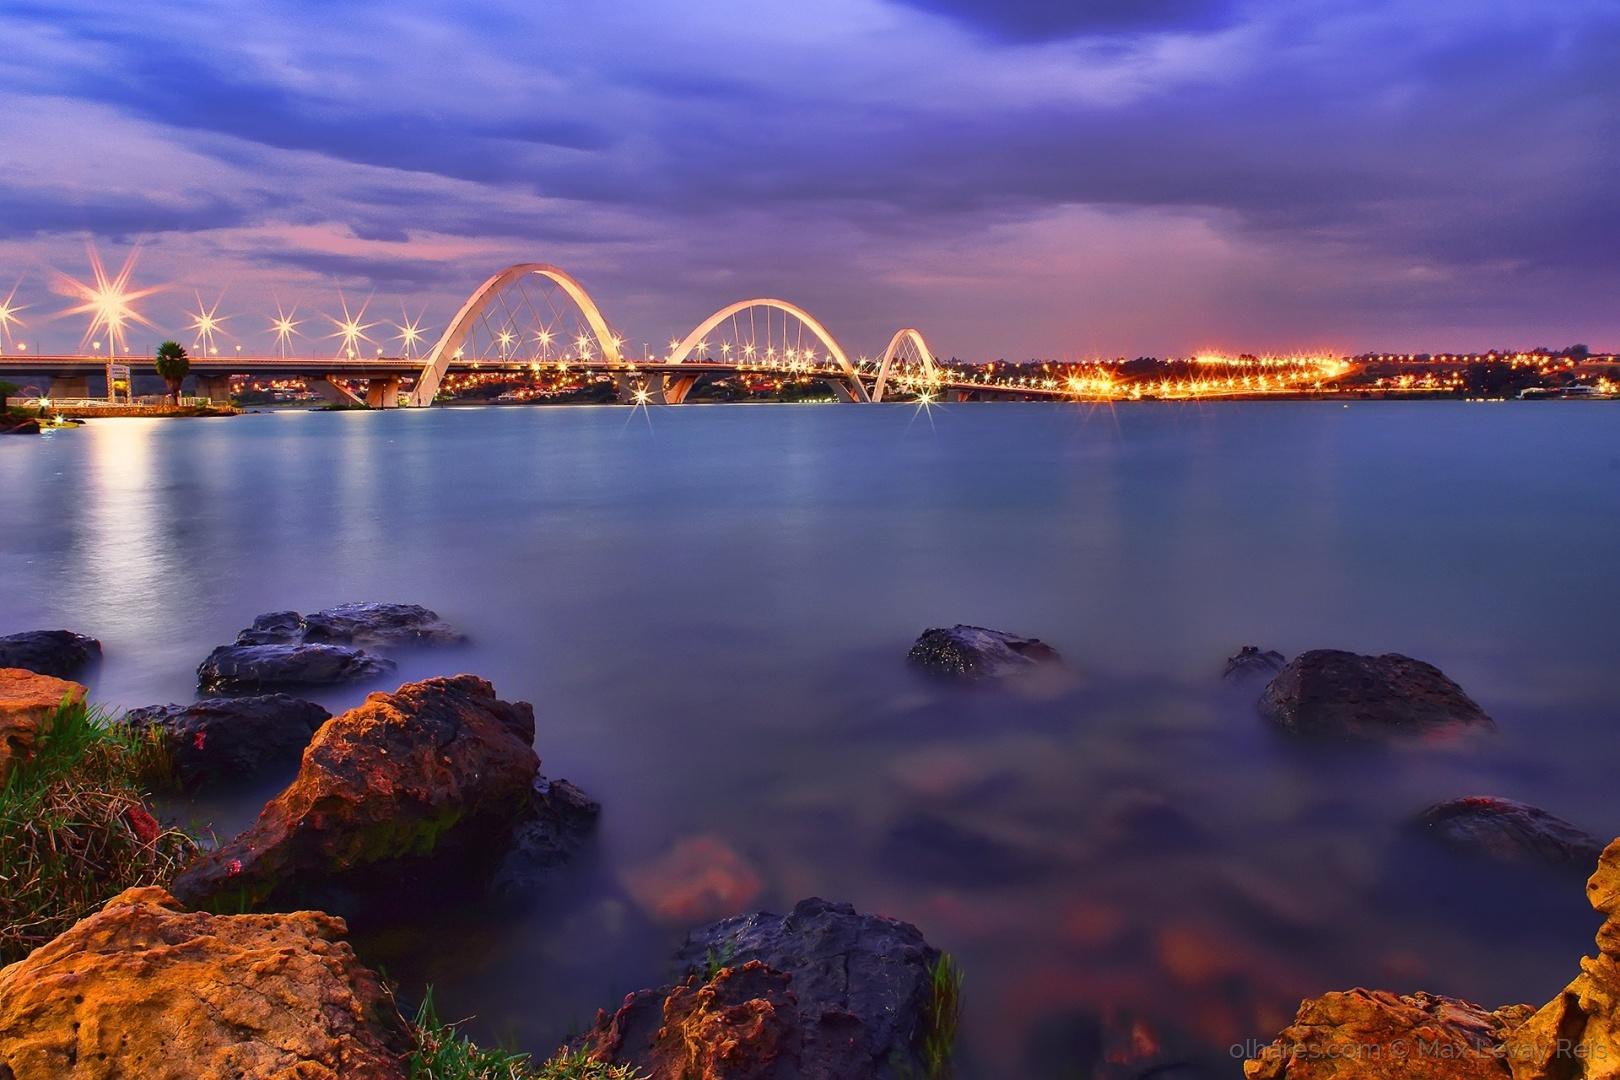 Paisagem Urbana/Ponte JK - Brasília / DF